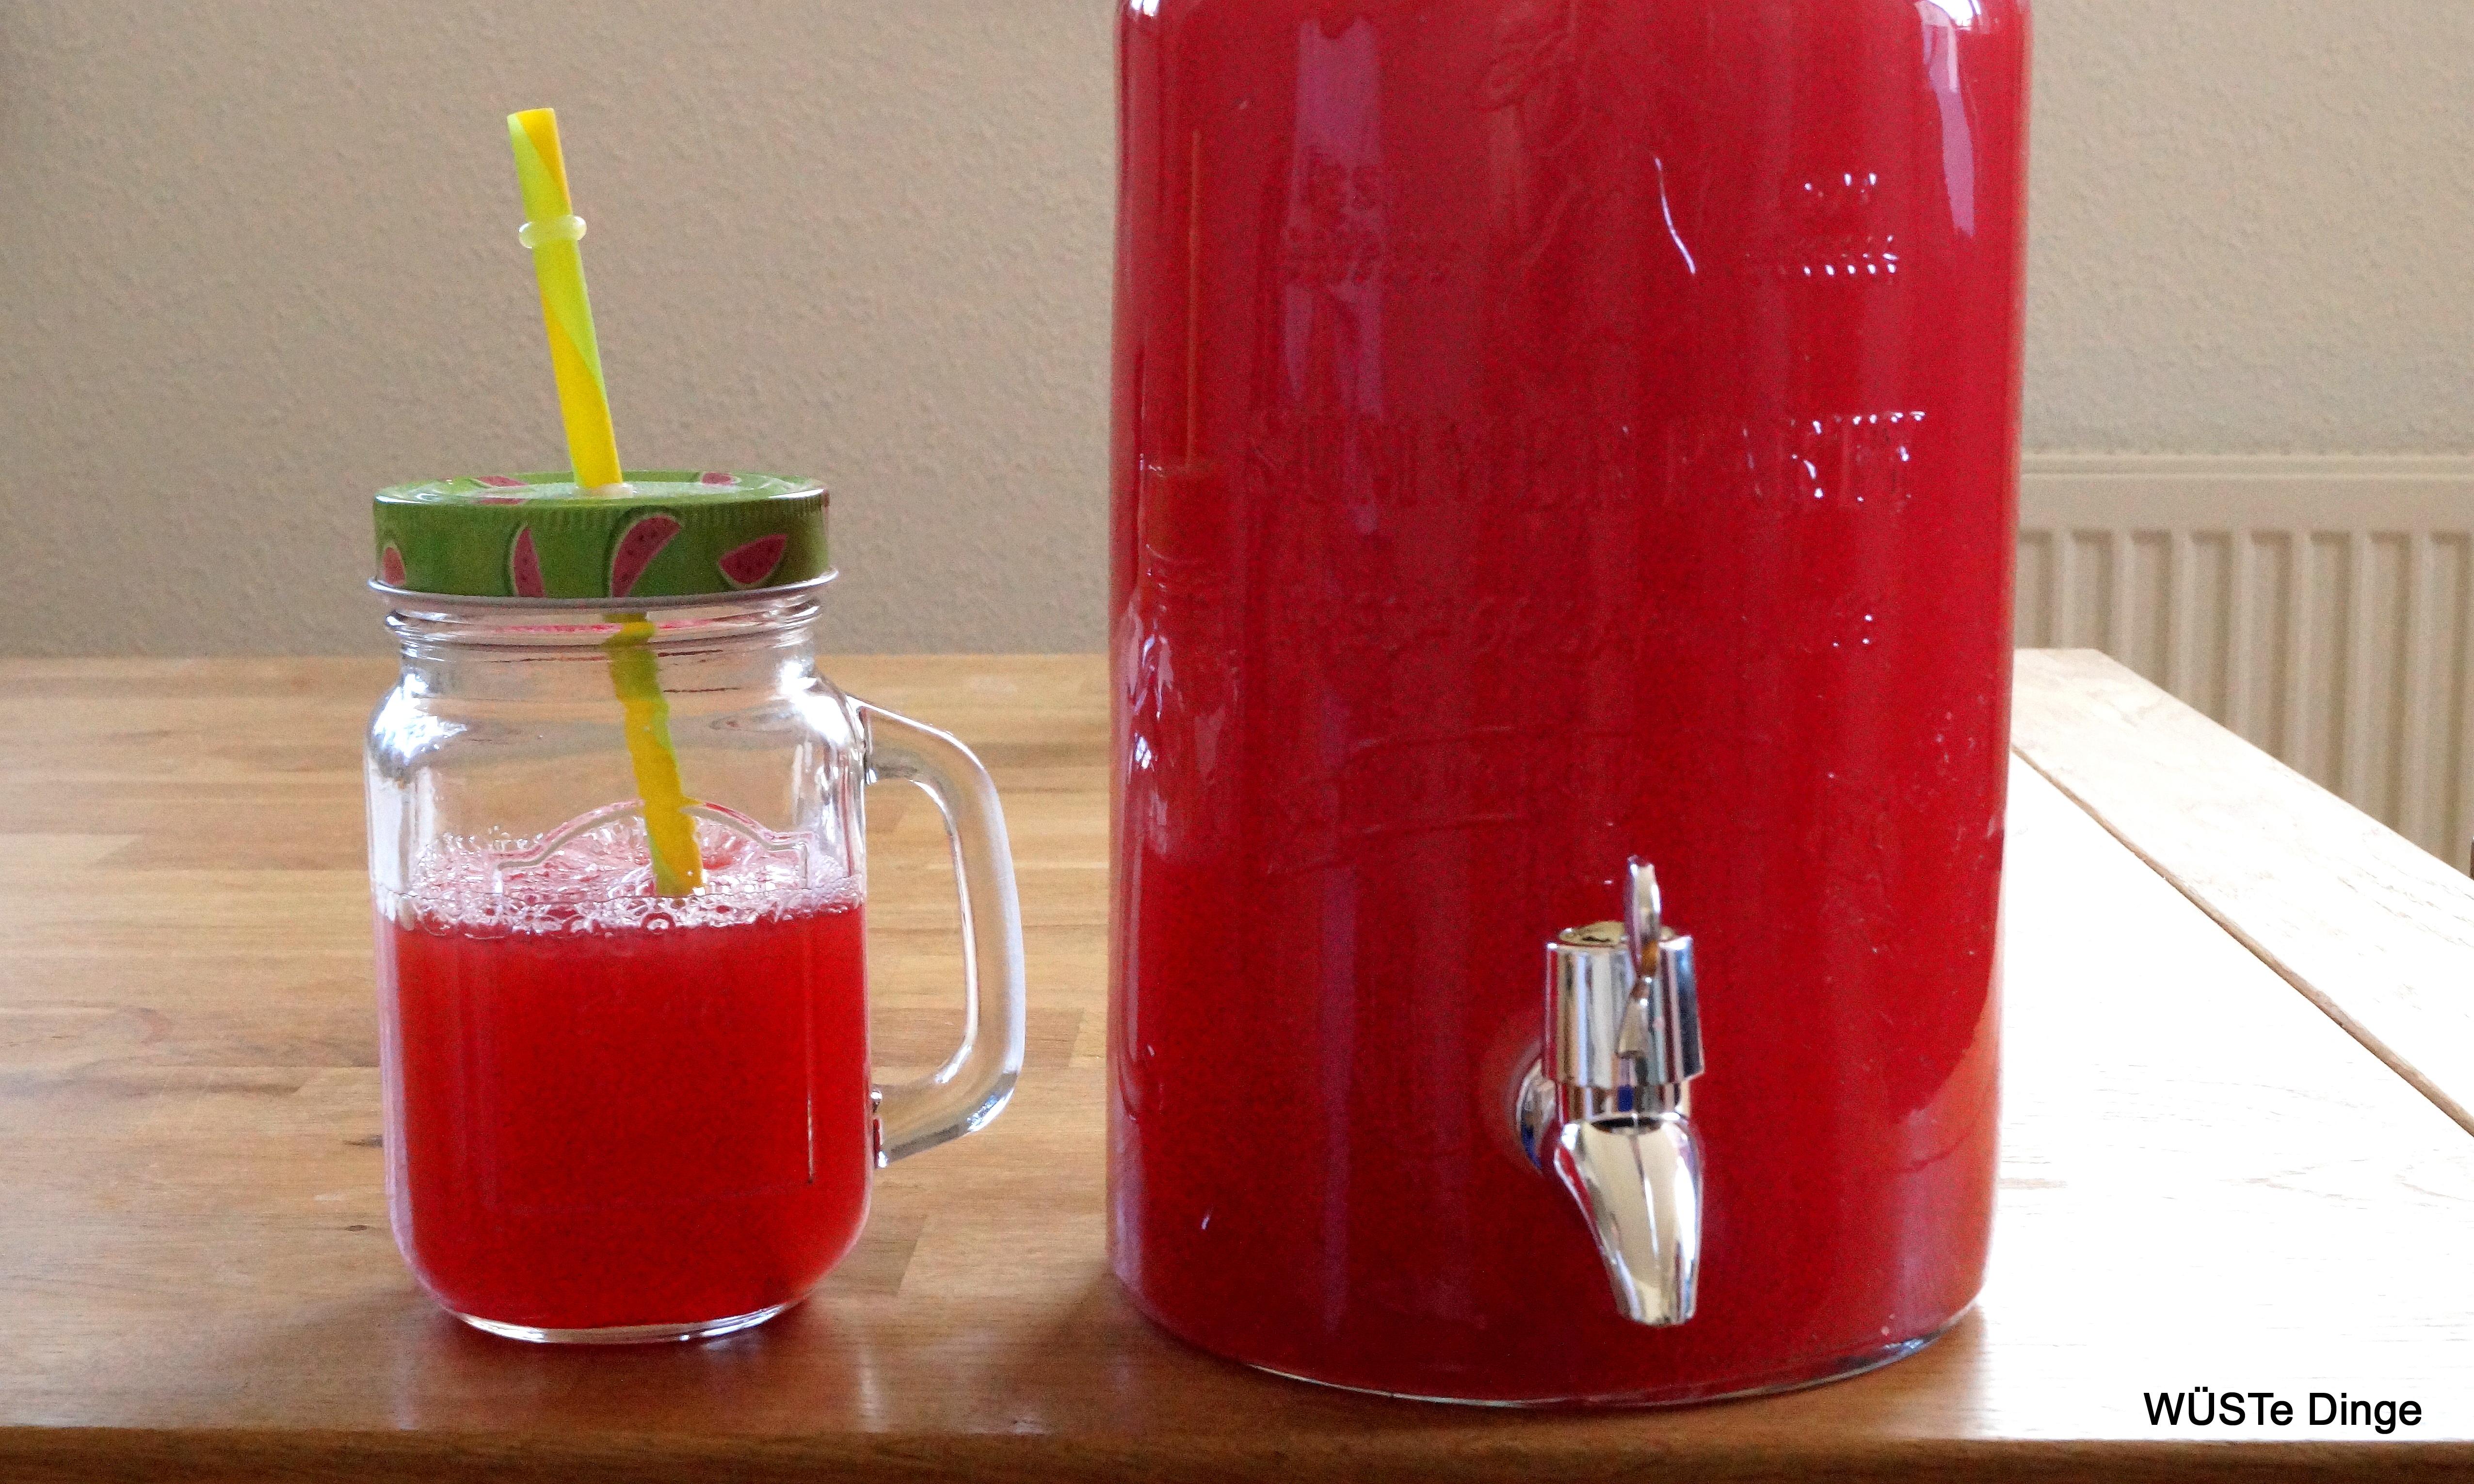 agua fresca Wassermelone